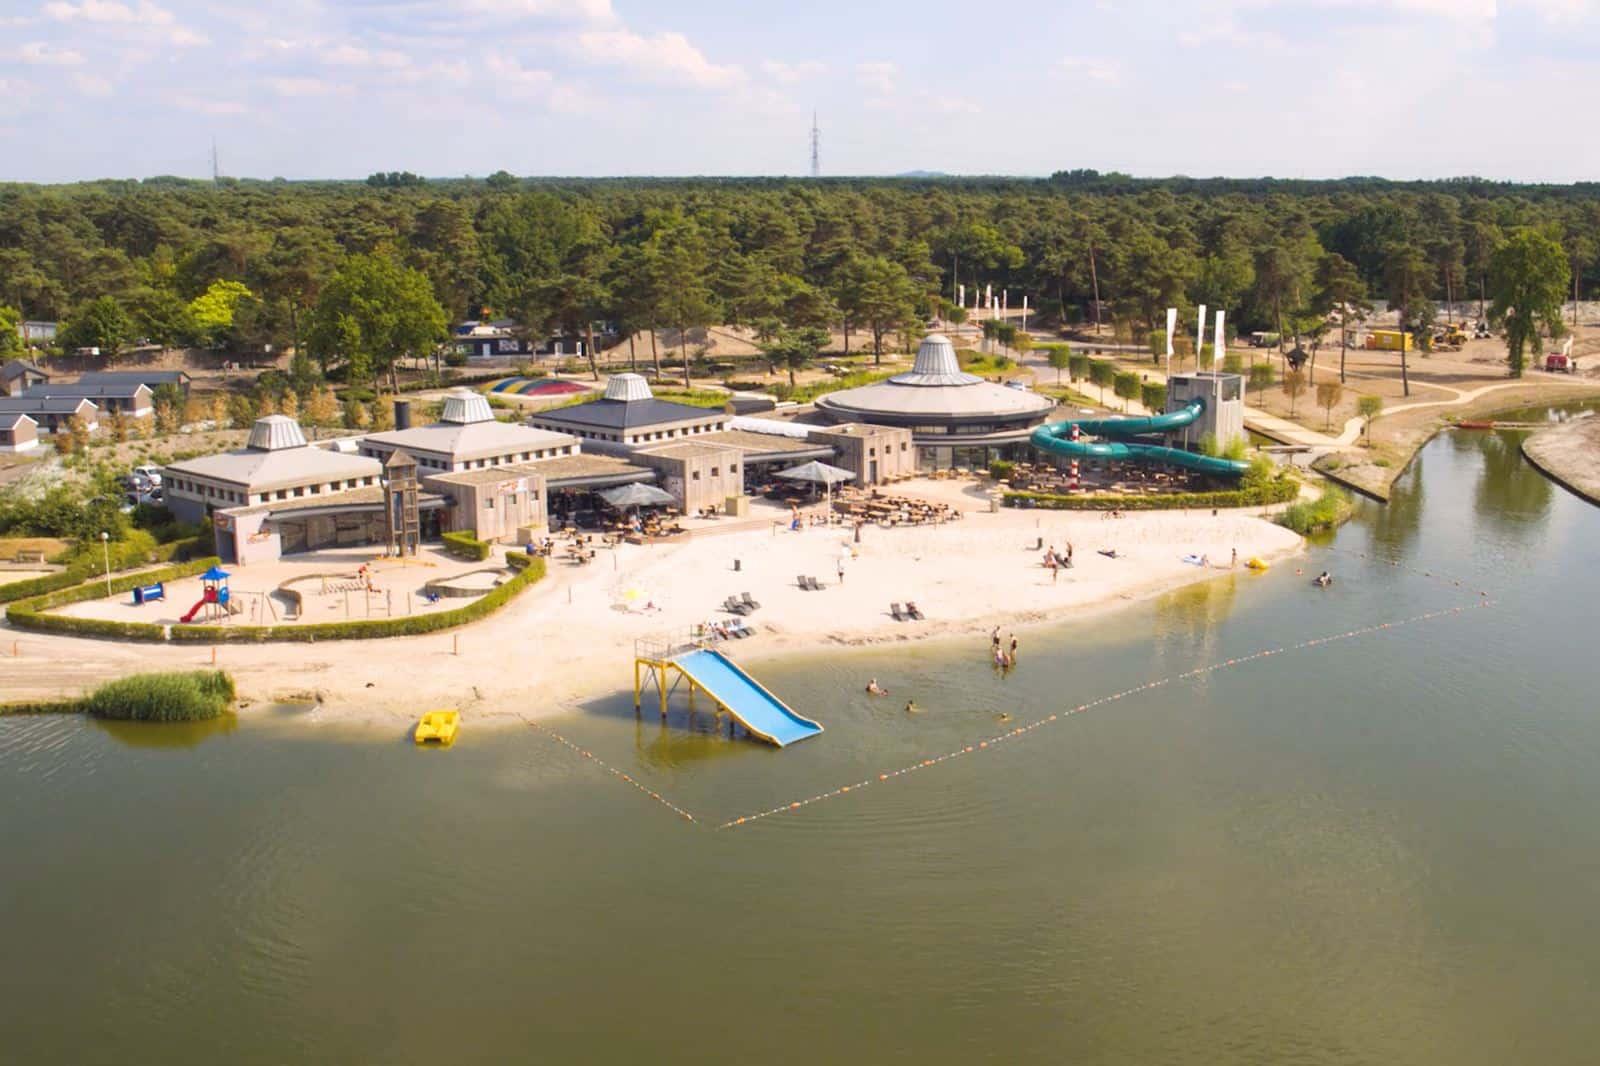 EuroParcs Resort Zilverstrand